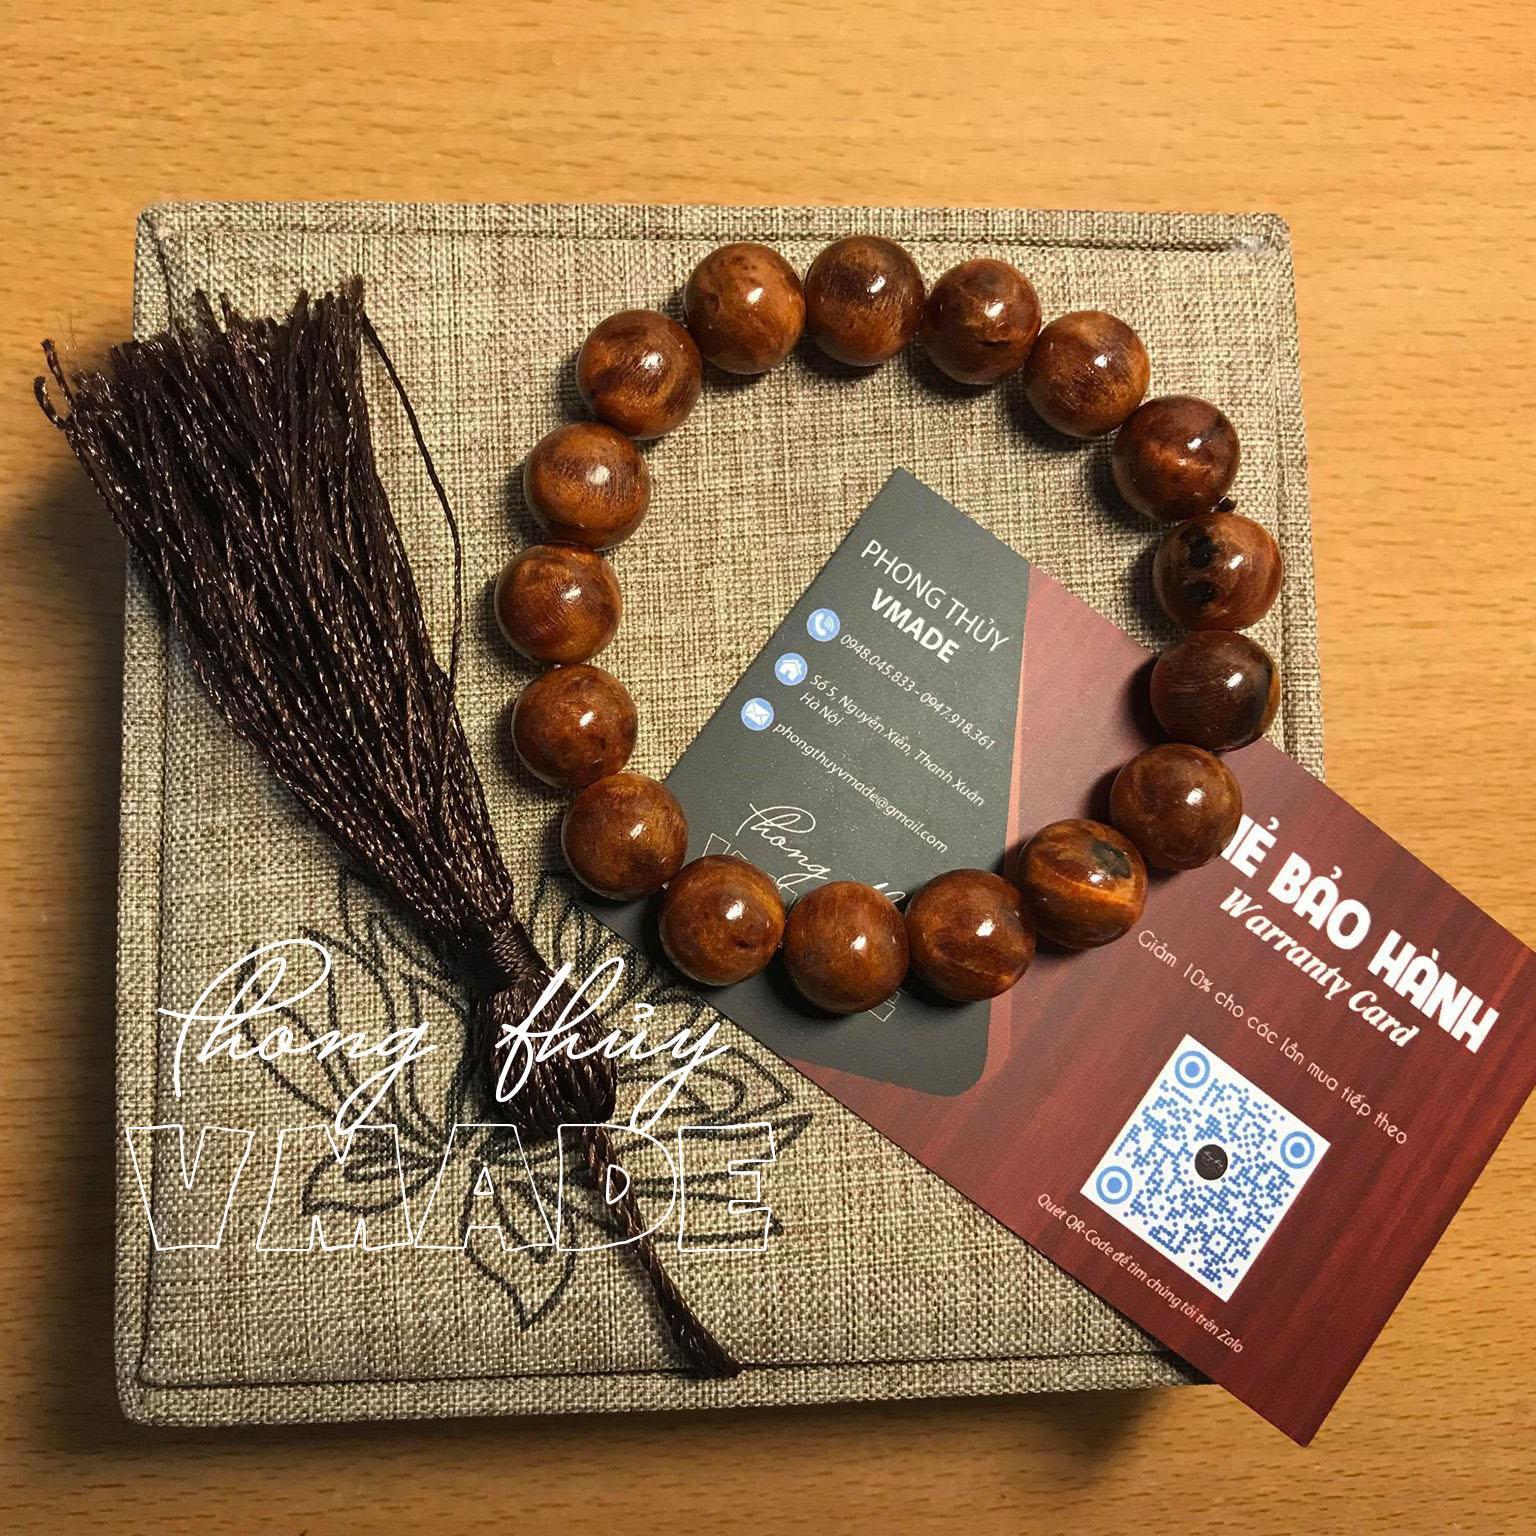 Vòng gỗ huyết long – Vòng tay phong thủy huyết rồng – Vòng huyết long NU